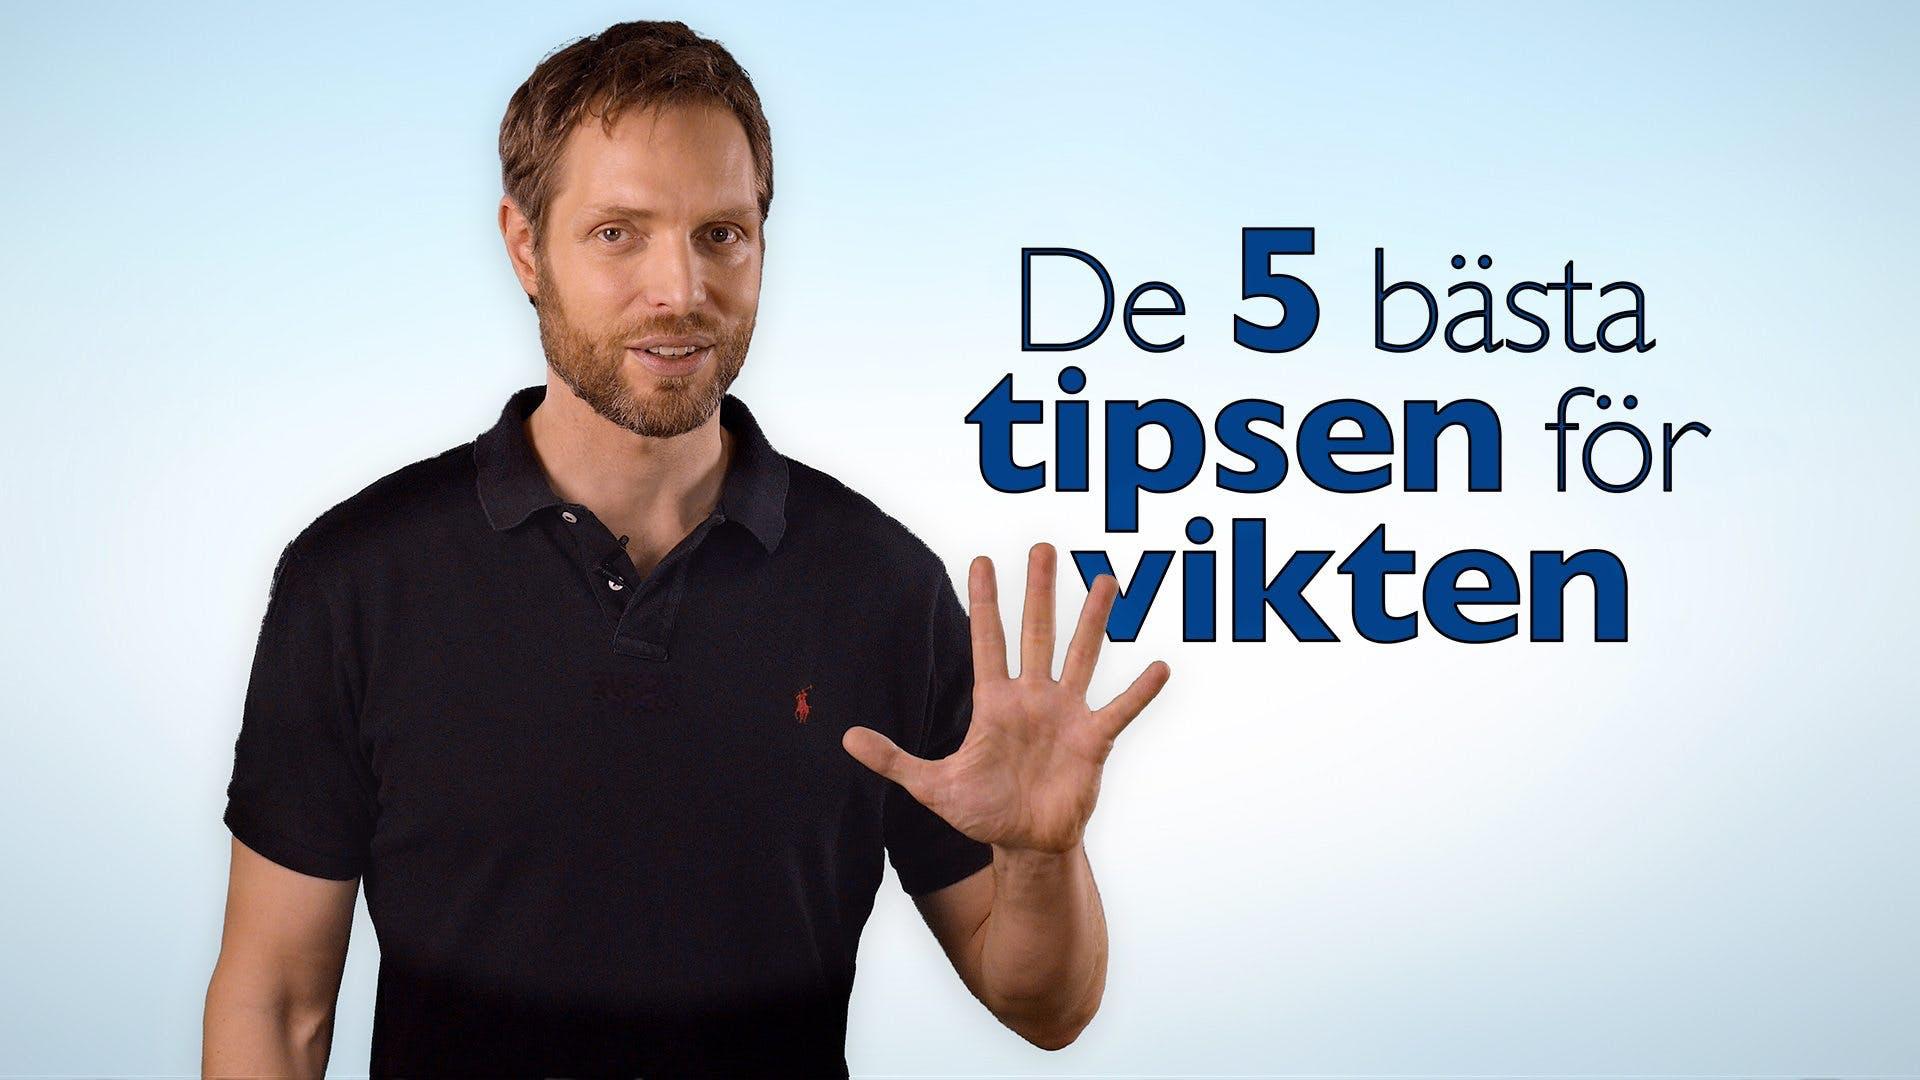 De 5 bästa tipsen för vikten